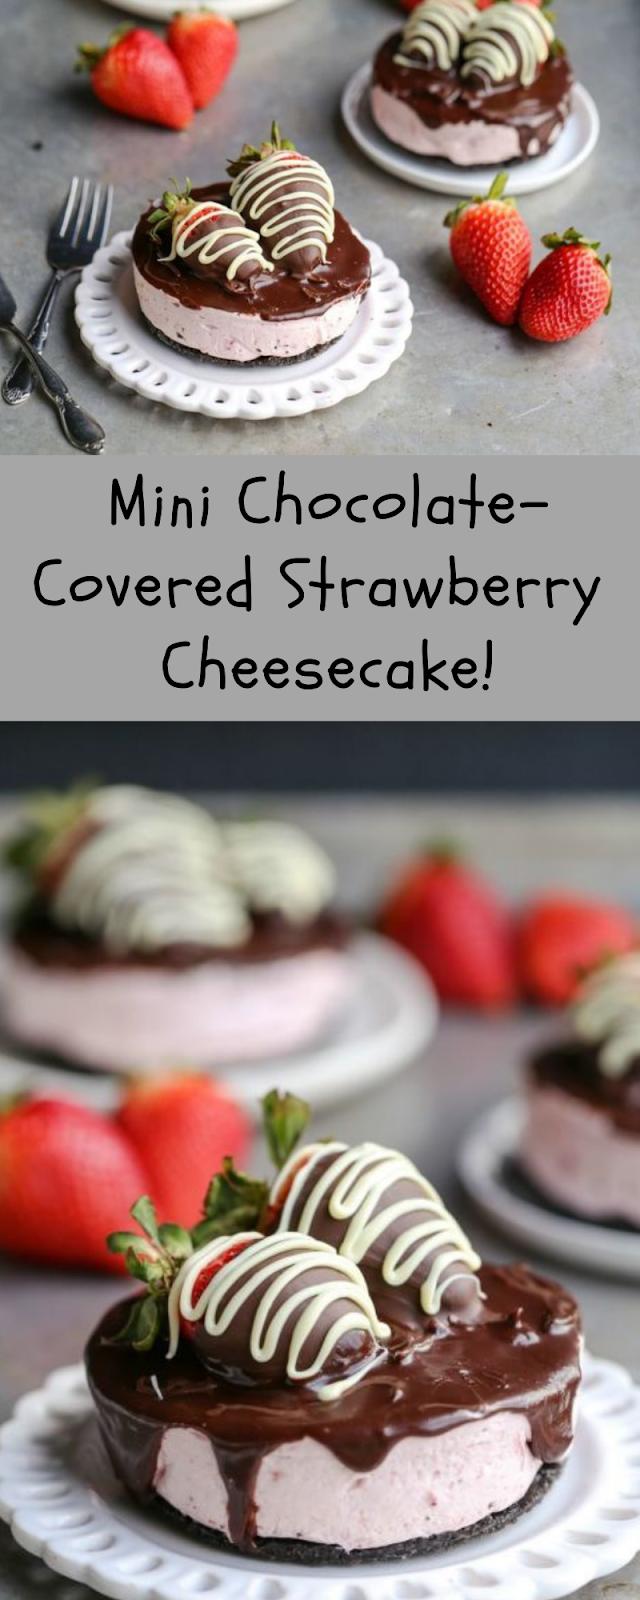 Mini Chocolate-Covered Strawberry Cheesecake